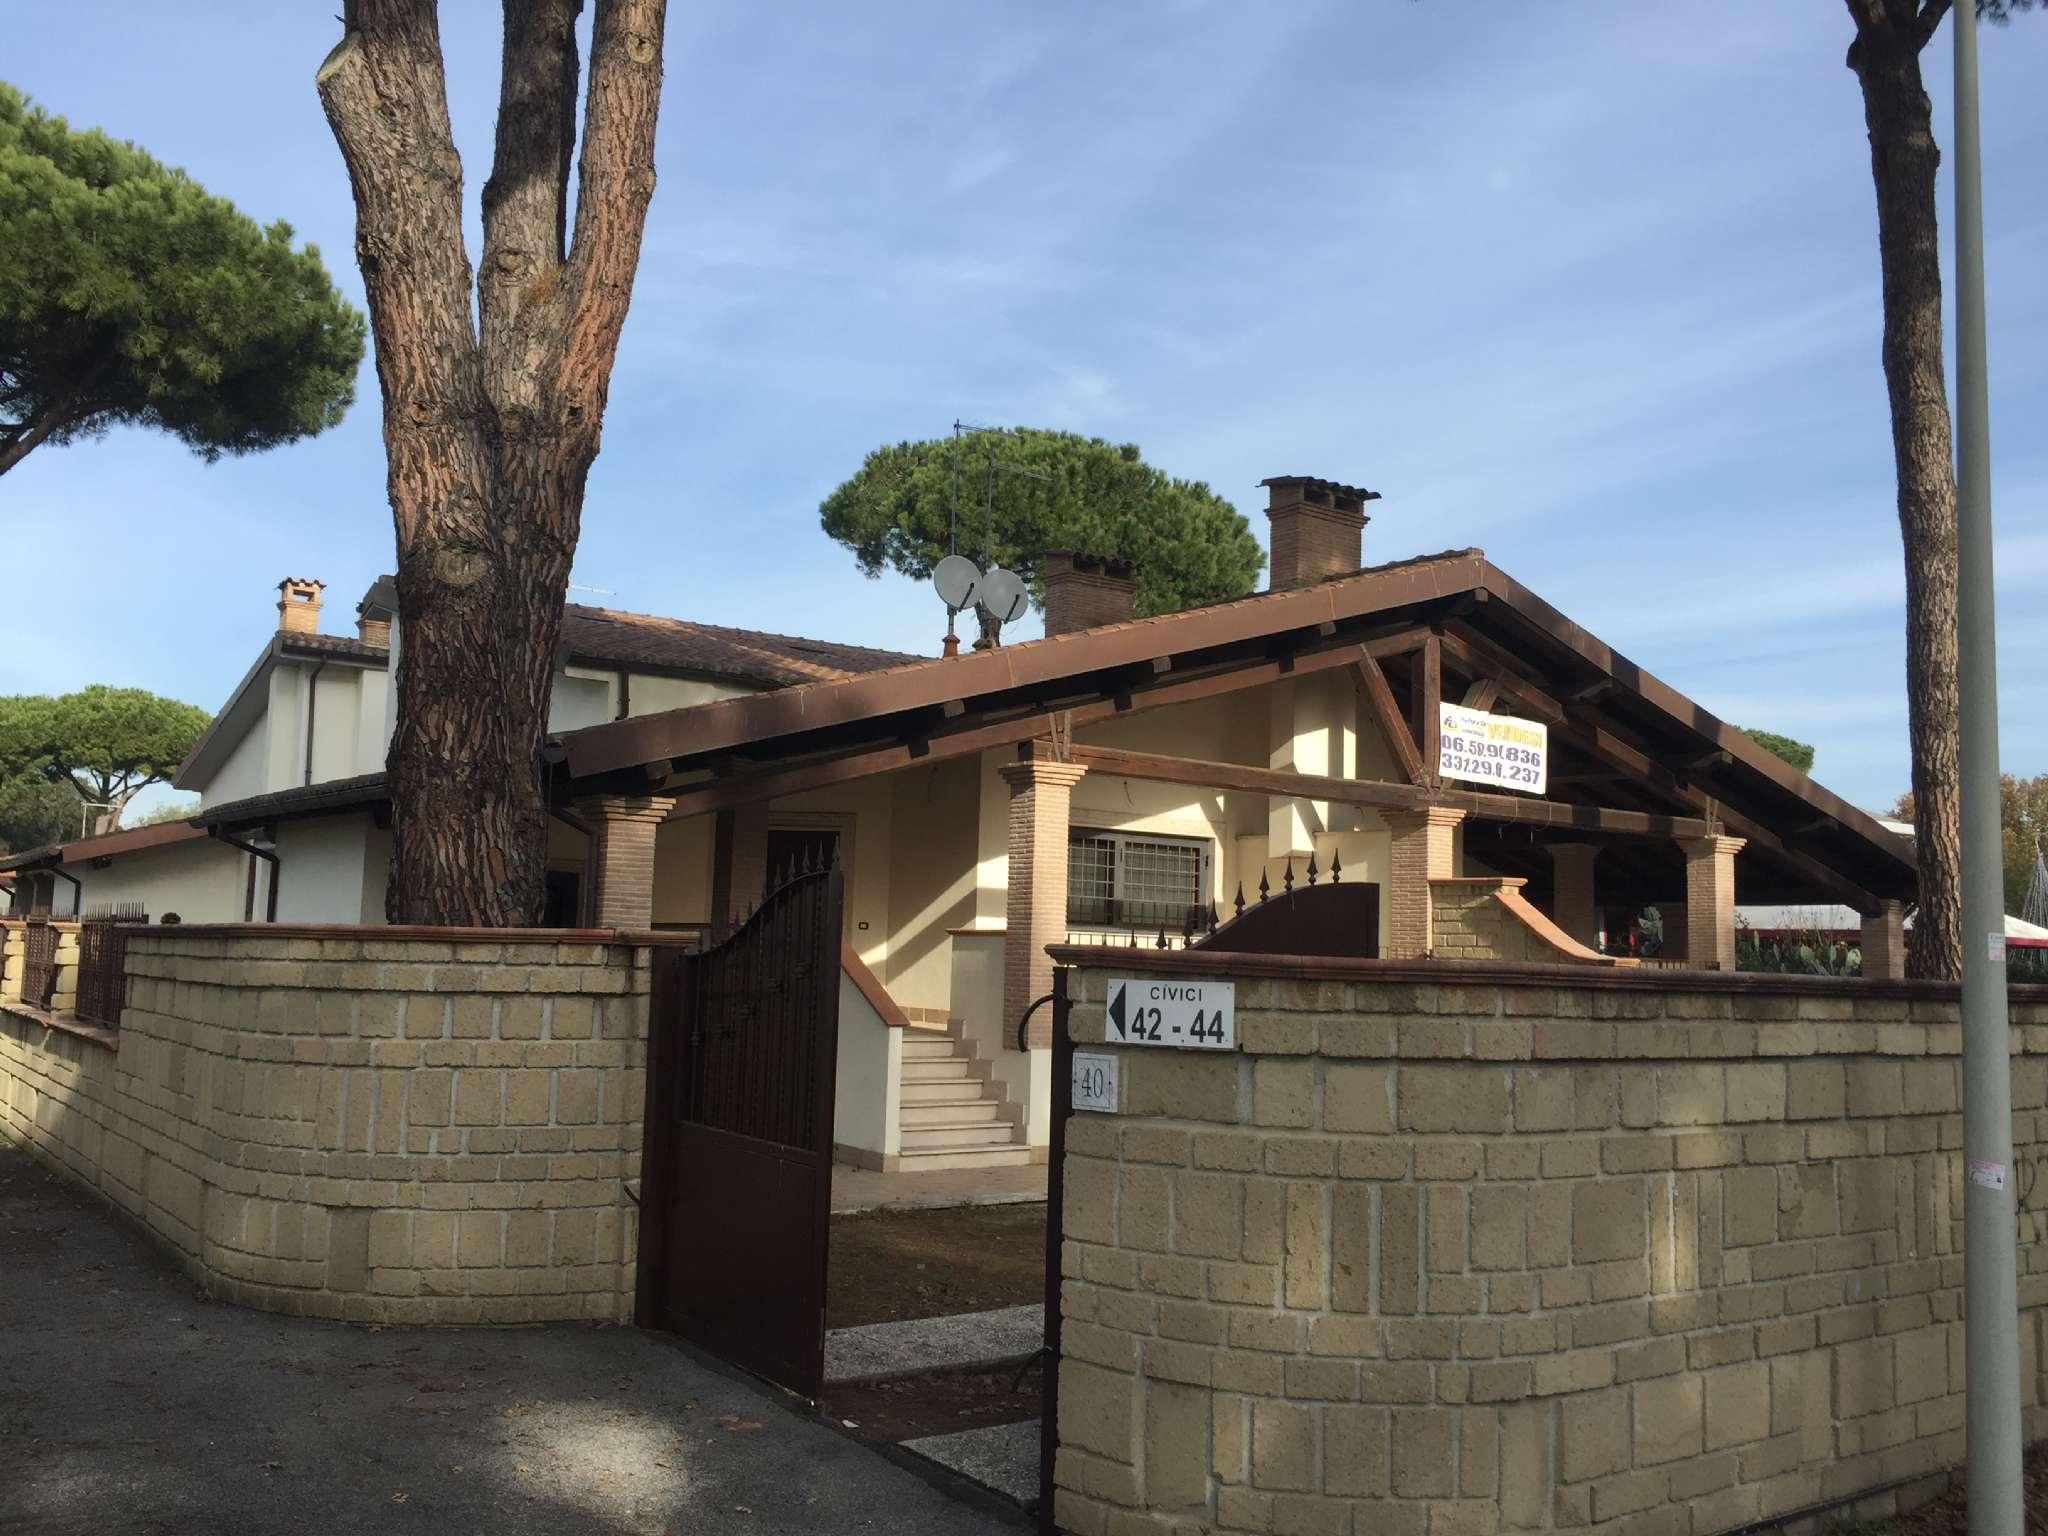 Villa Quadrifamiliare in vendita 5 vani 180 mq.  via villabassa Roma